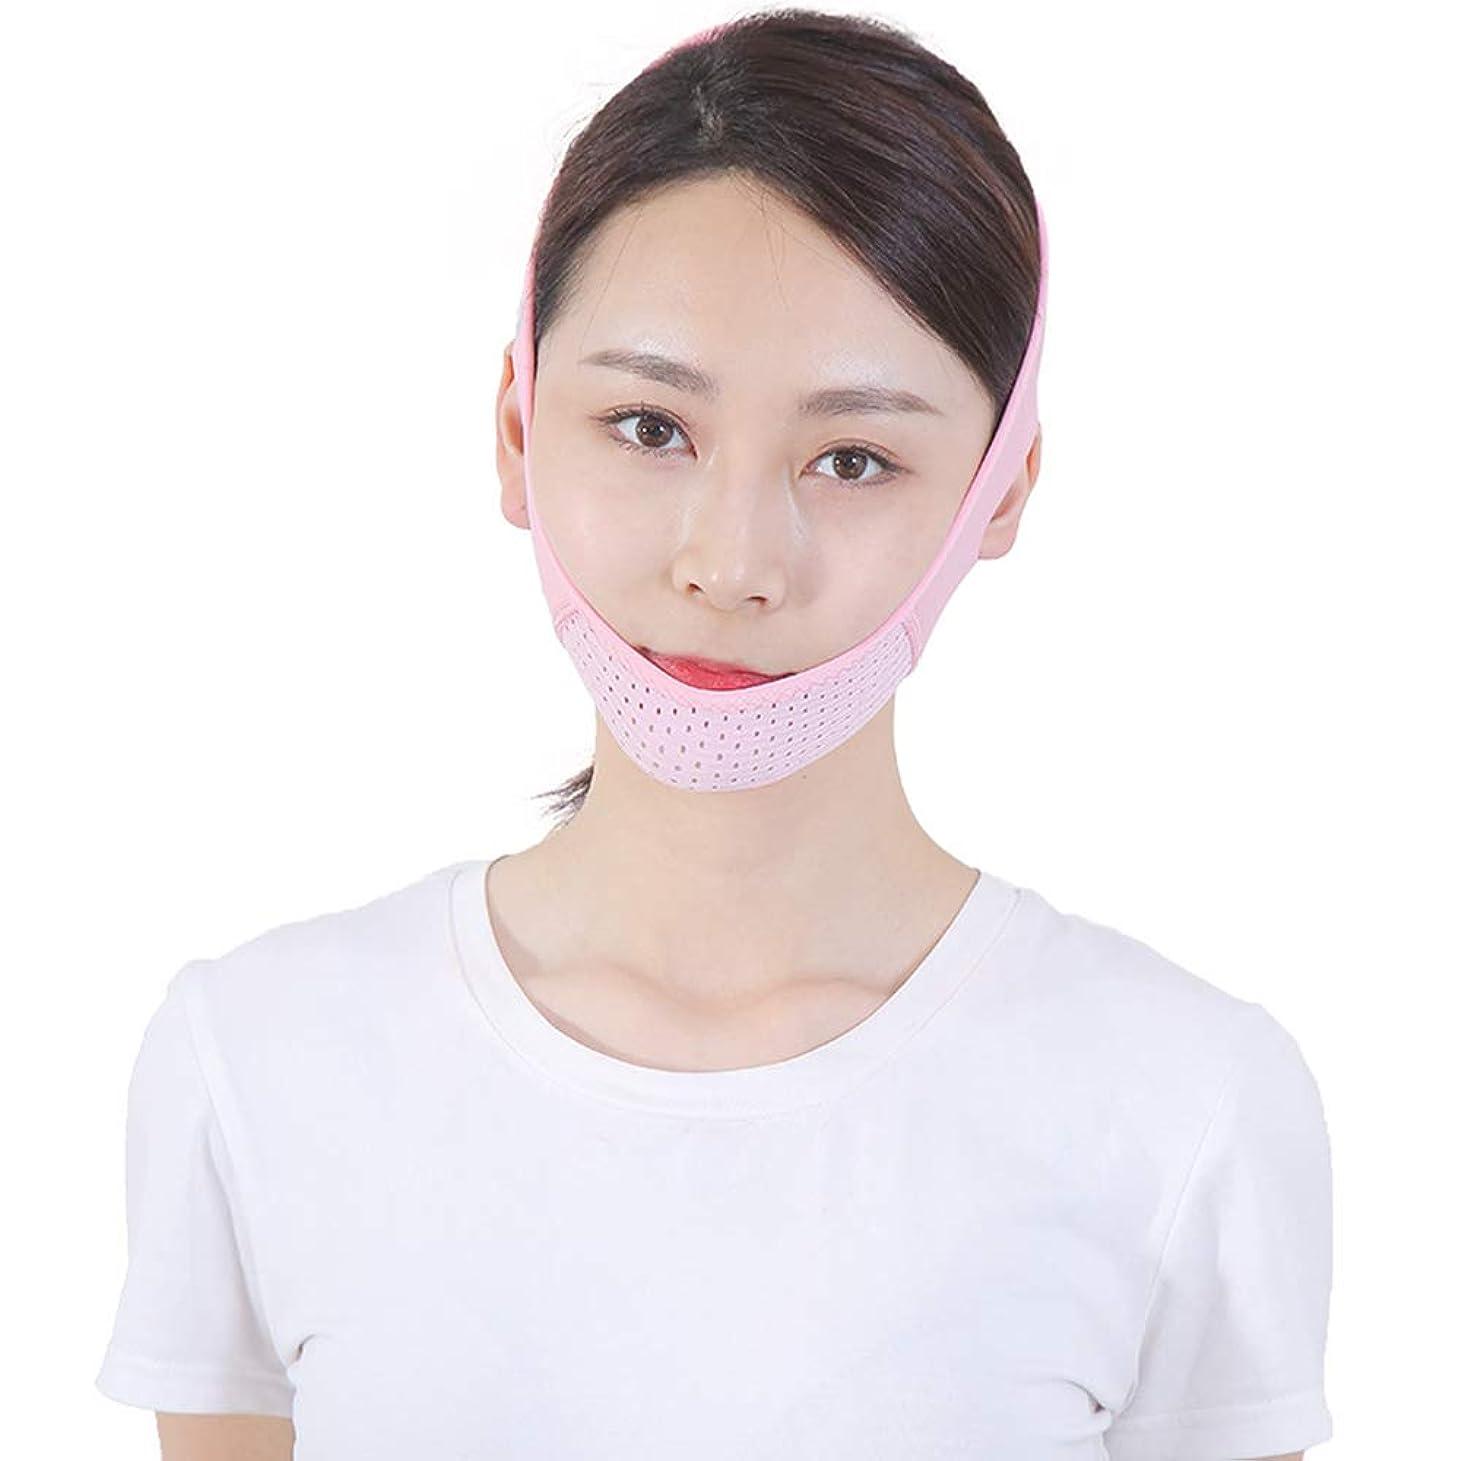 相談するマーチャンダイザー砂利フェイスリフトベルト 薄い顔のベルト - 薄い顔のベルト通気性のある顔の包帯ダブルチンの顔リフトの人工物Vのフェイスベルト薄い顔のマスク